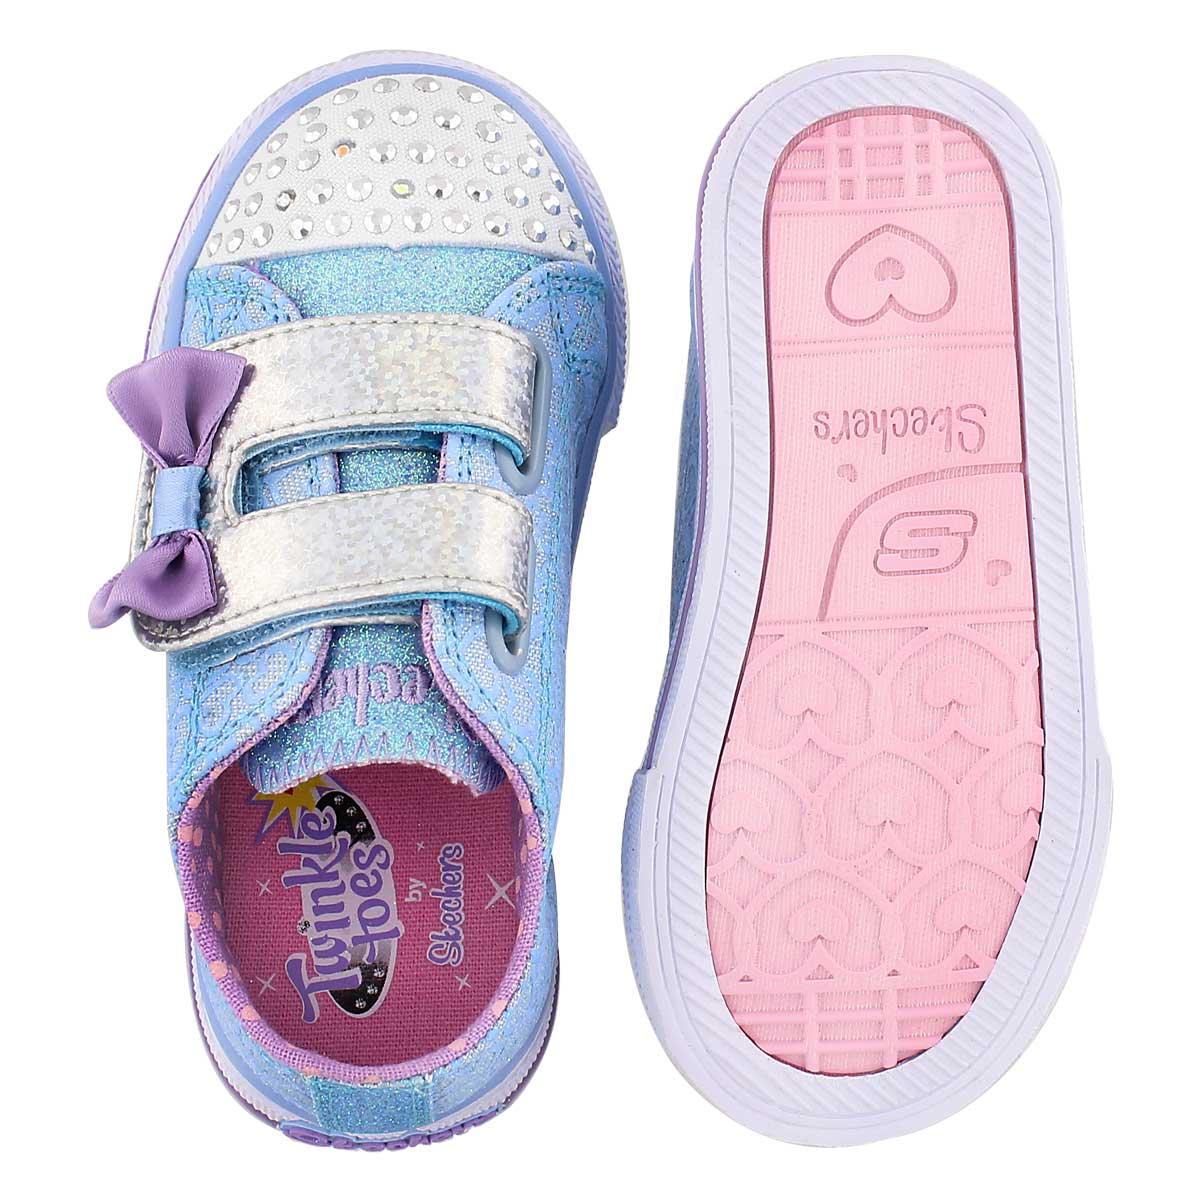 Inf Shuffles blu/ppl light up sneaker